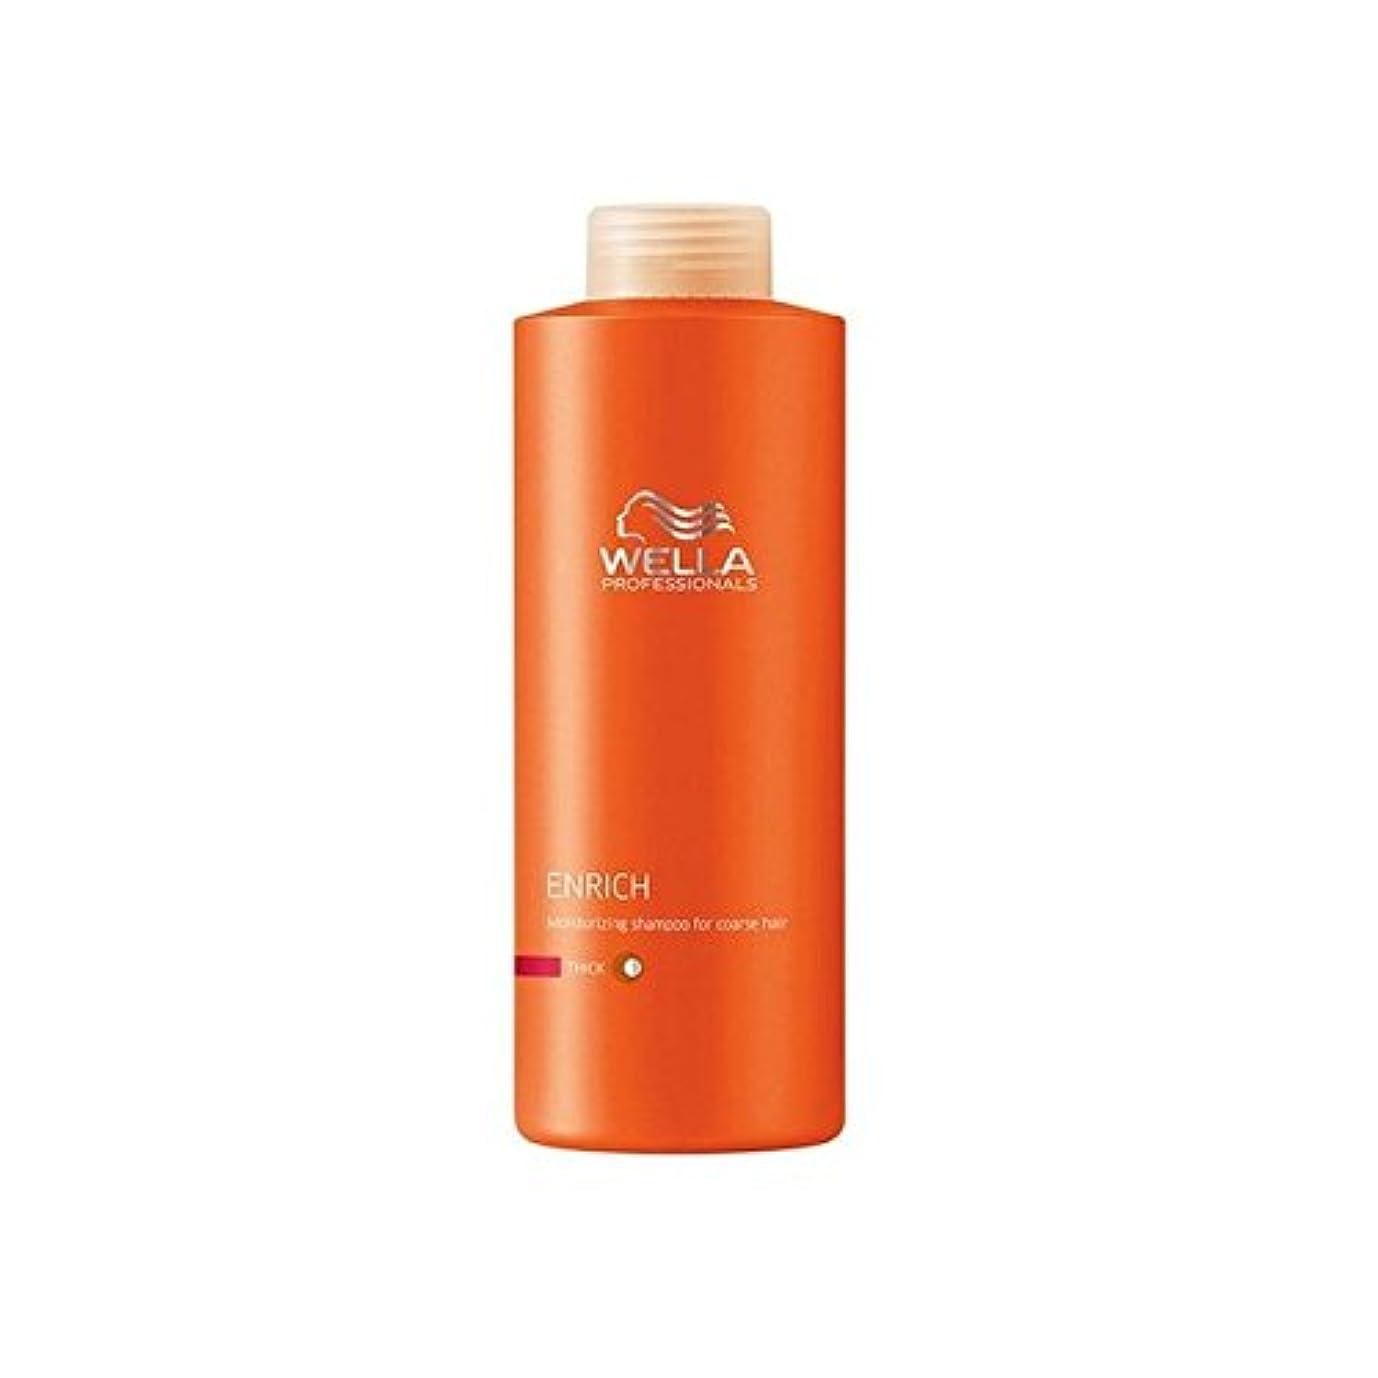 決定ドルズームインするWella Professionals Enrich Coarse Shampoo (1000ml) (Pack of 6) - ウェラの専門家は粗いシャンプー(千ミリリットル)を豊かに x6 [並行輸入品]